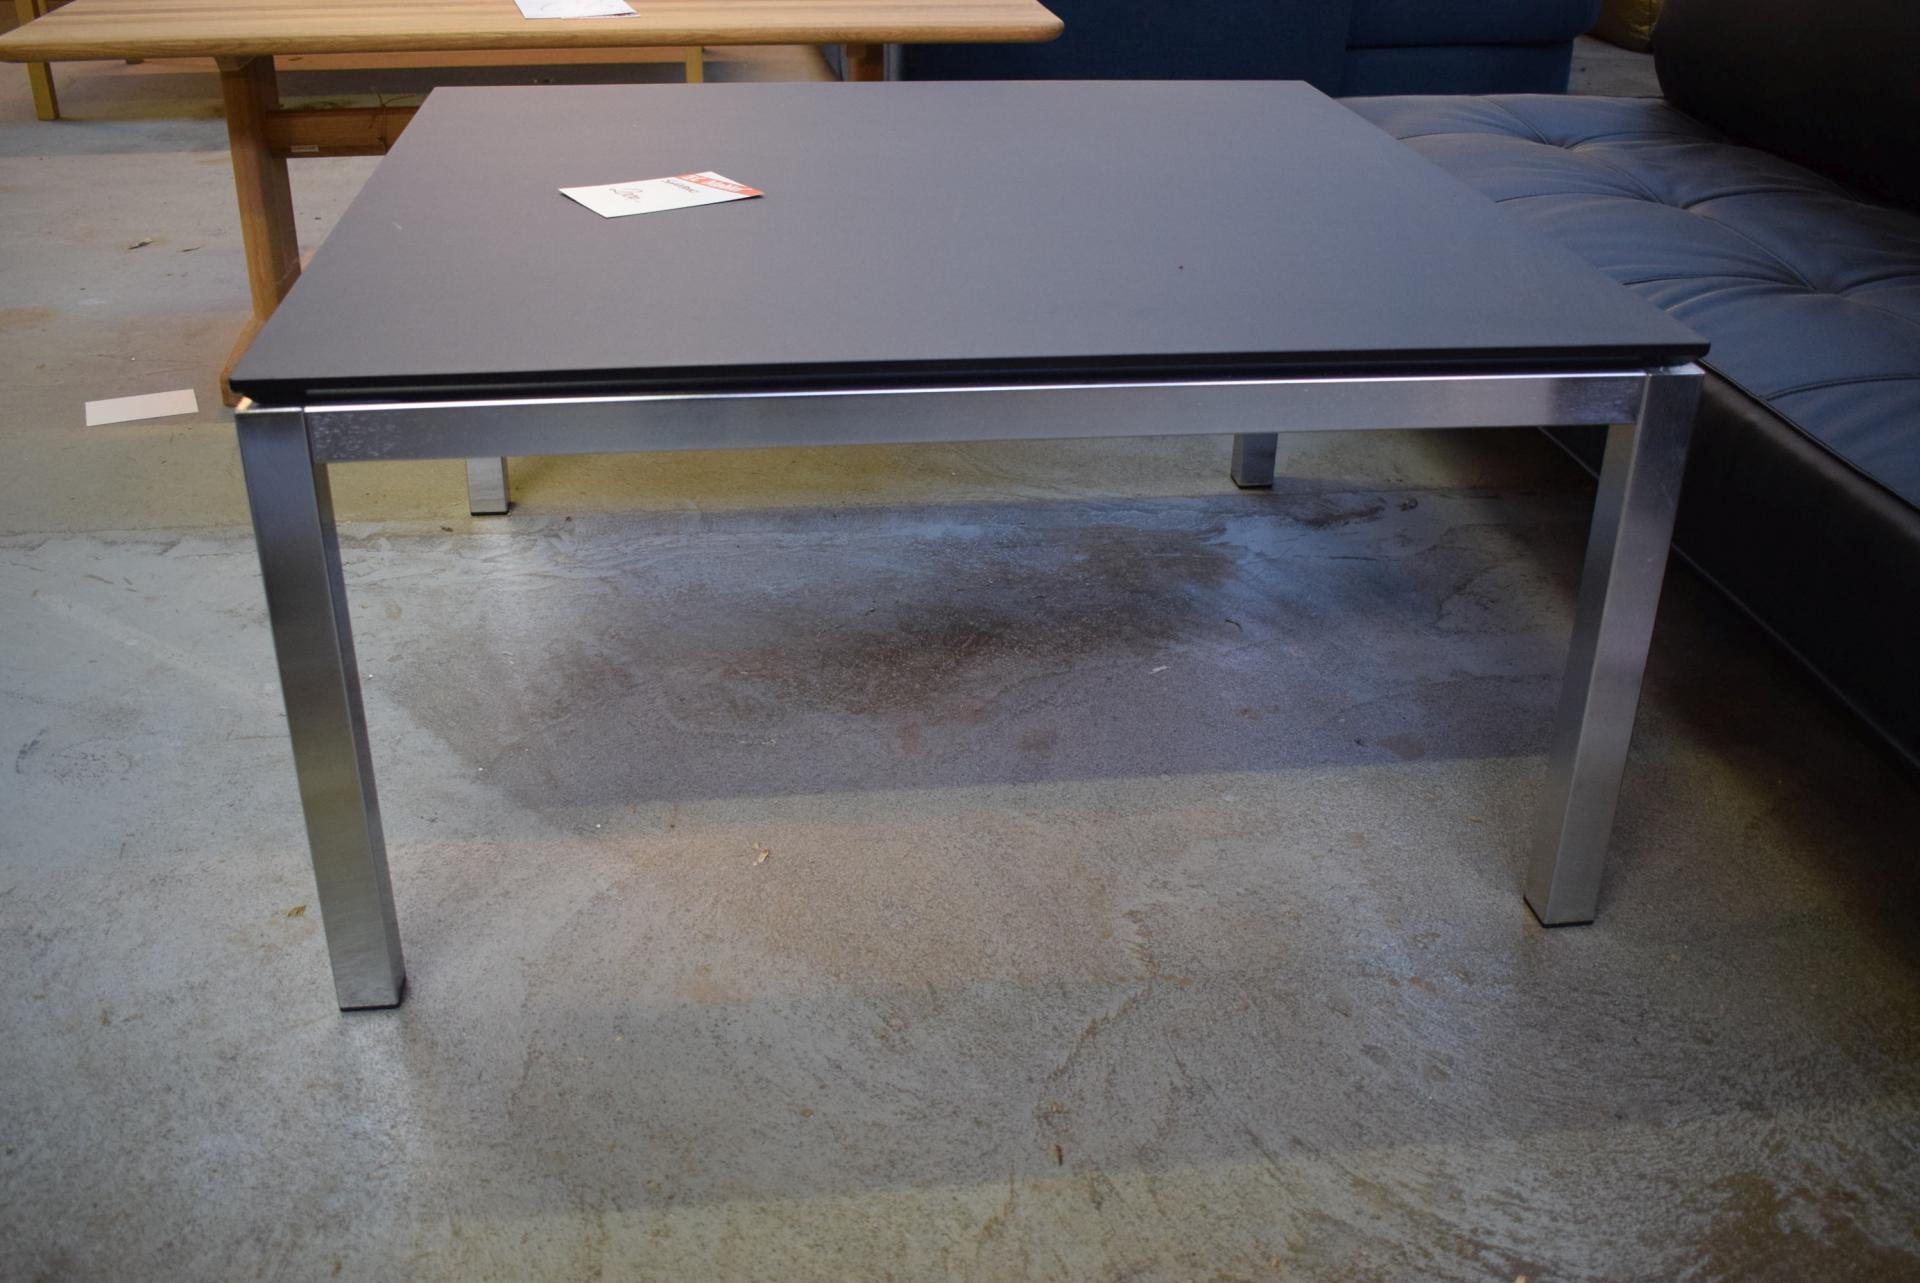 Schwarzes Mdf schlafsofa schwarzes leder couchtisch 100 x 100 cm schwarz mdf